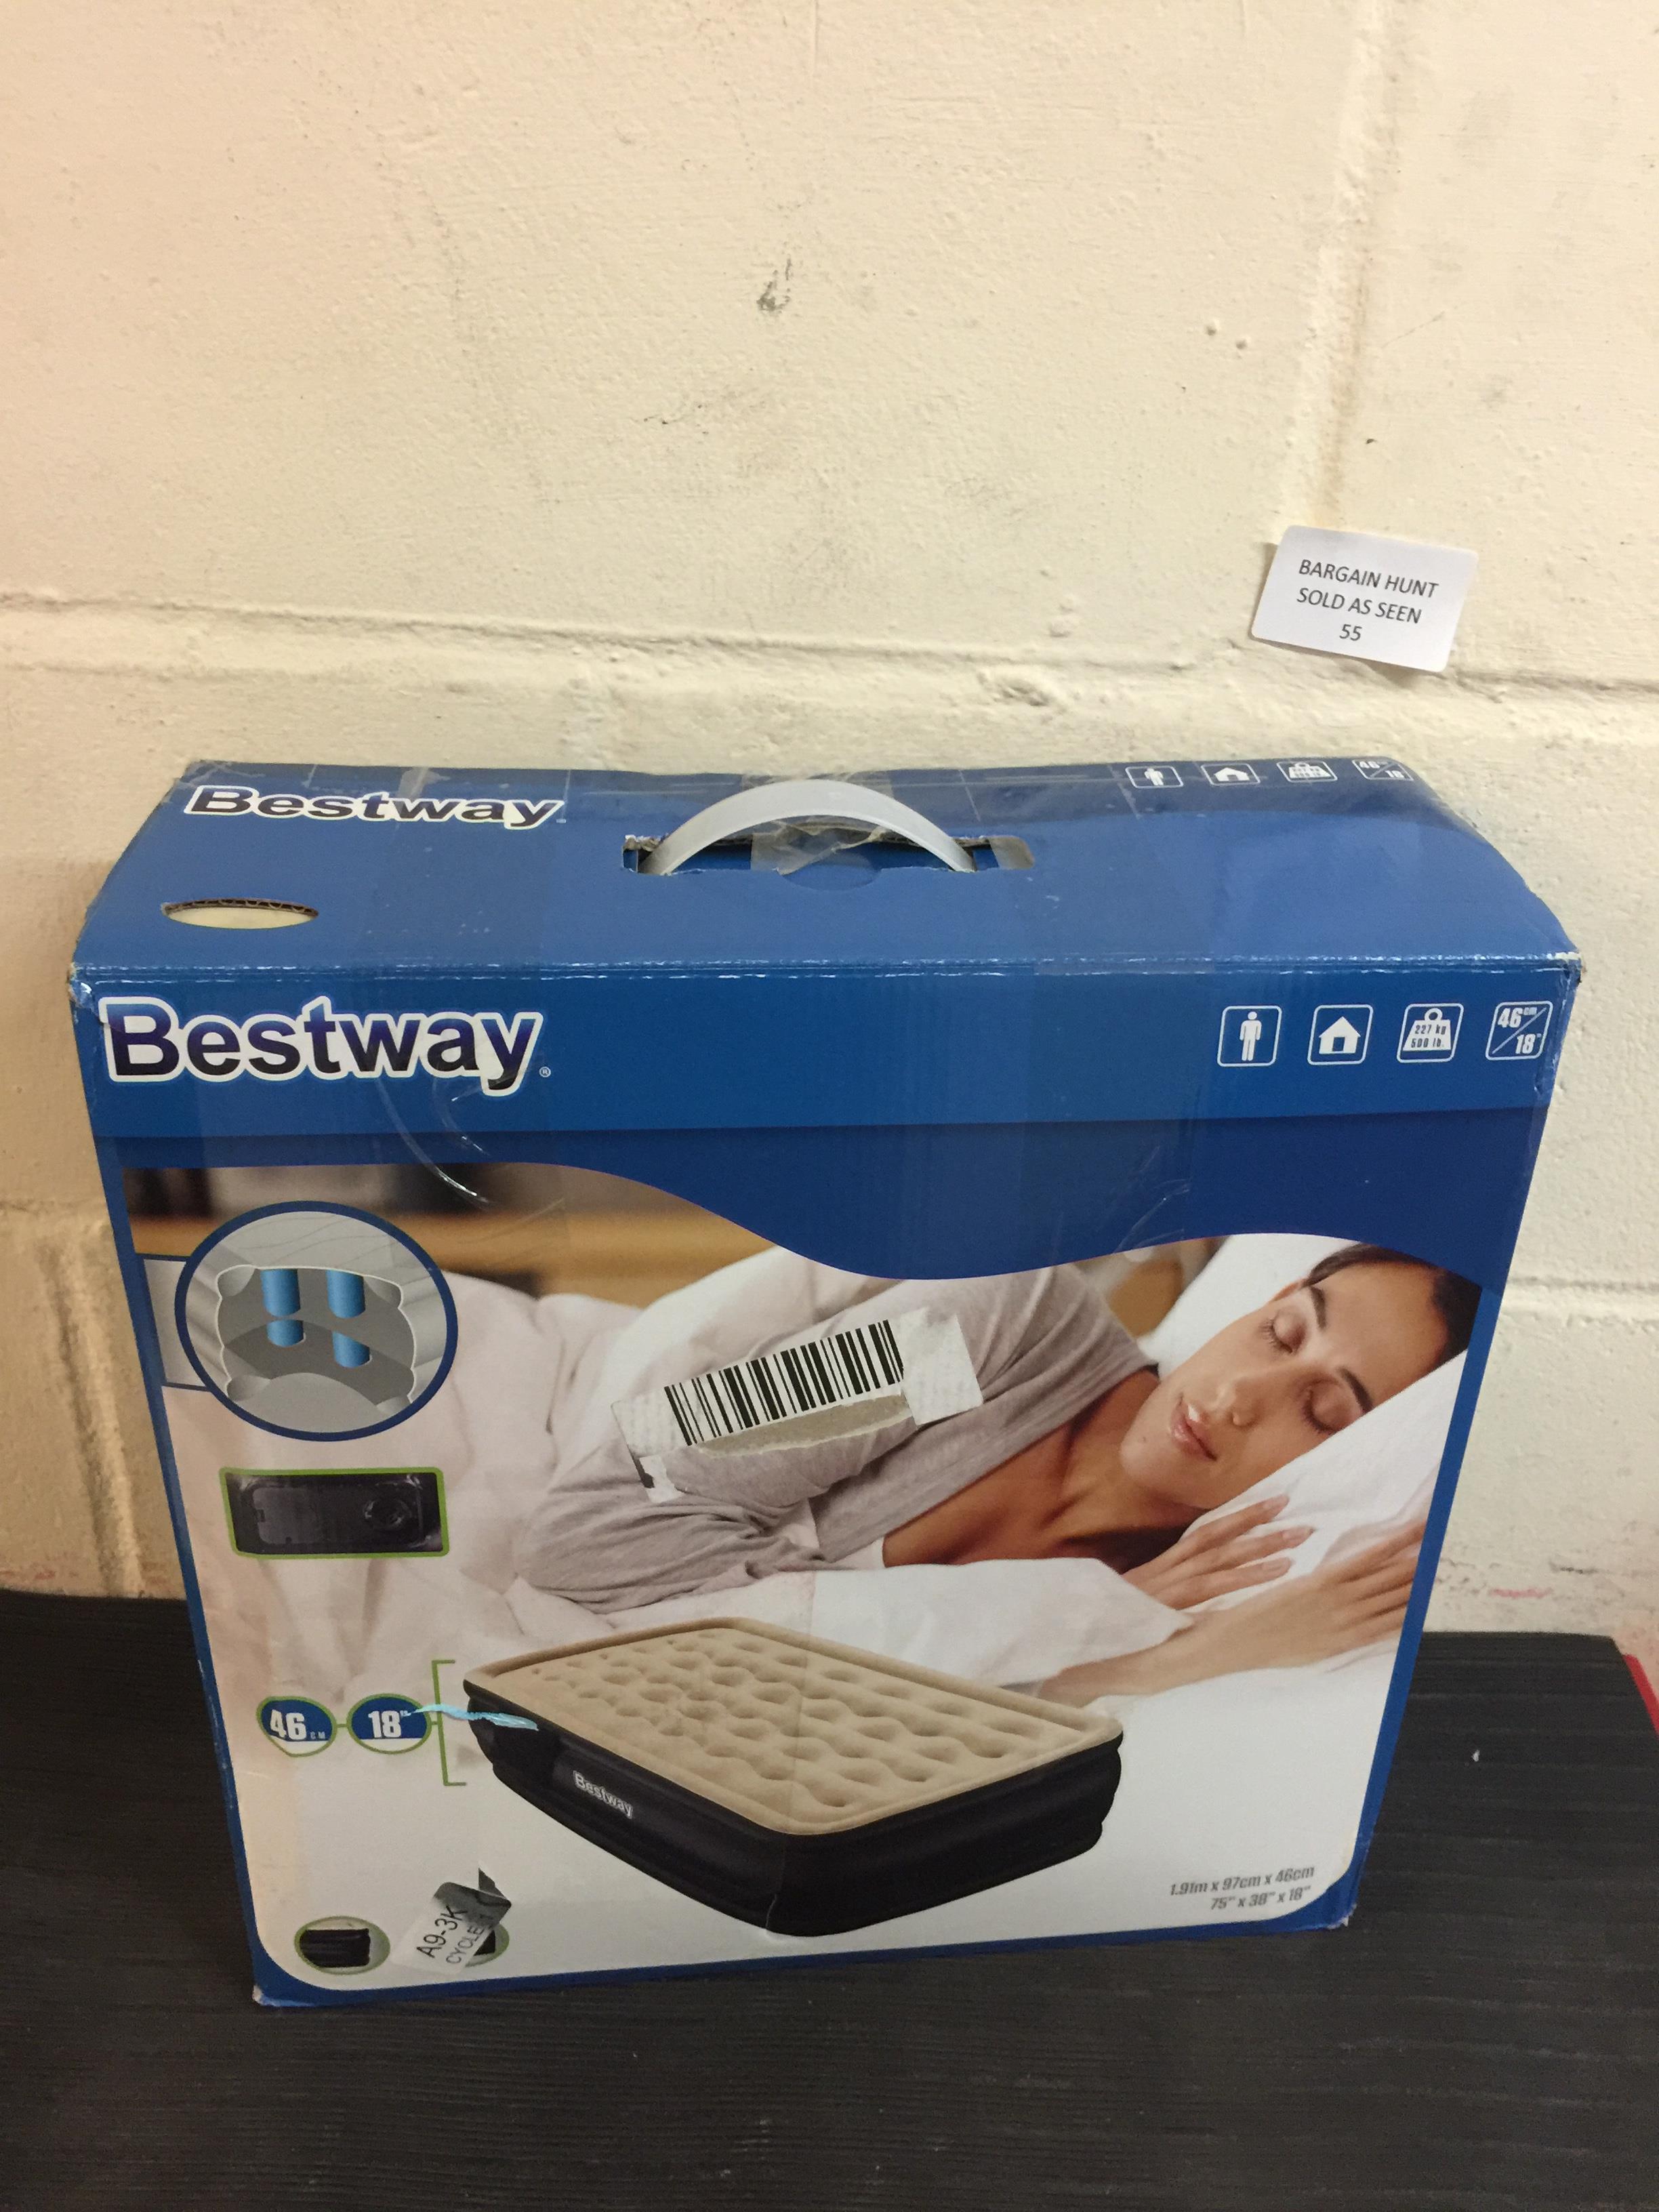 Lot 55 - Bestway Air Bed